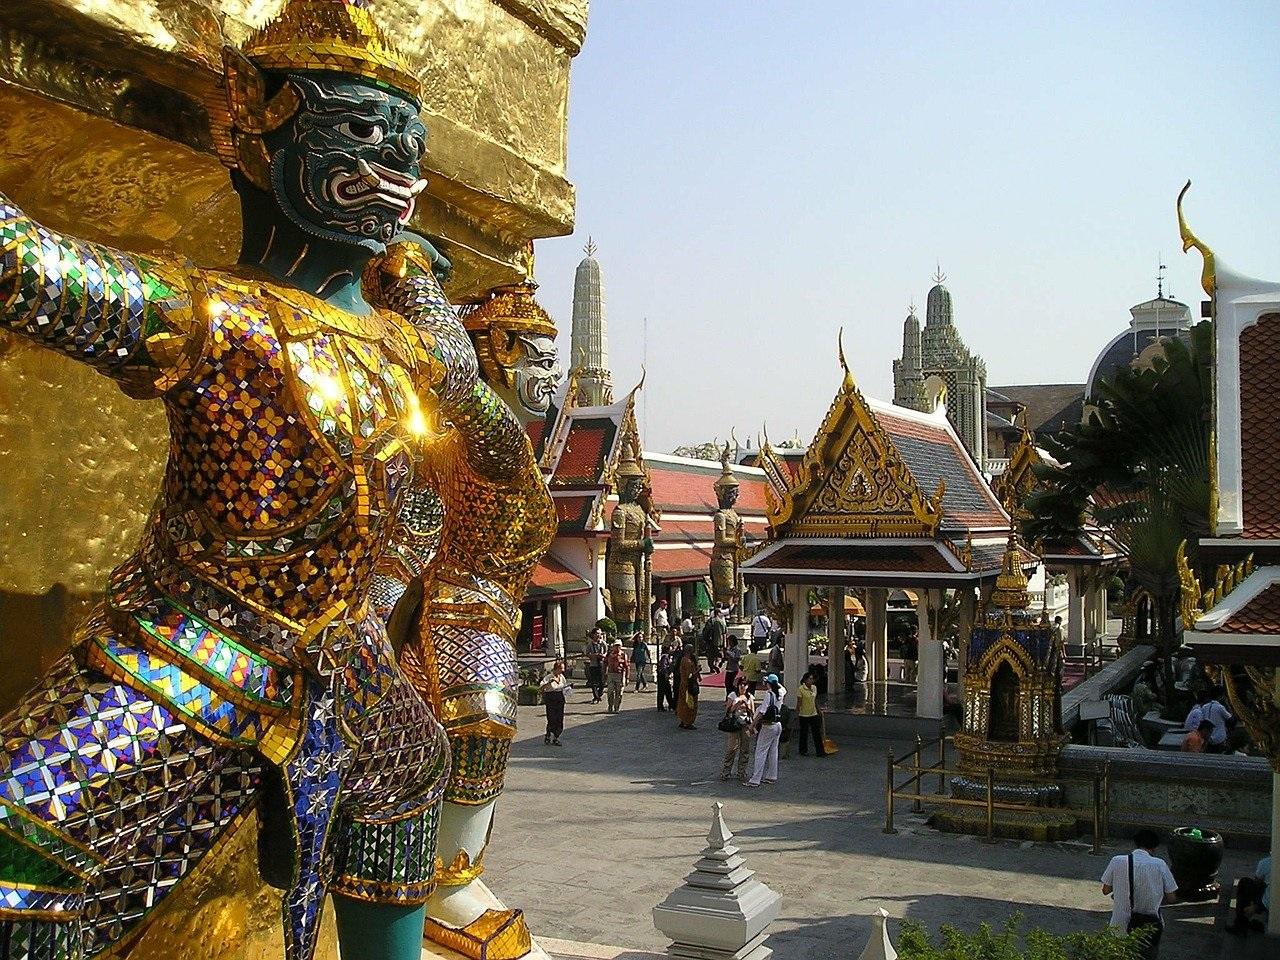 Таиланд готов отменить карантин по прибытии для вакцинированных туристов